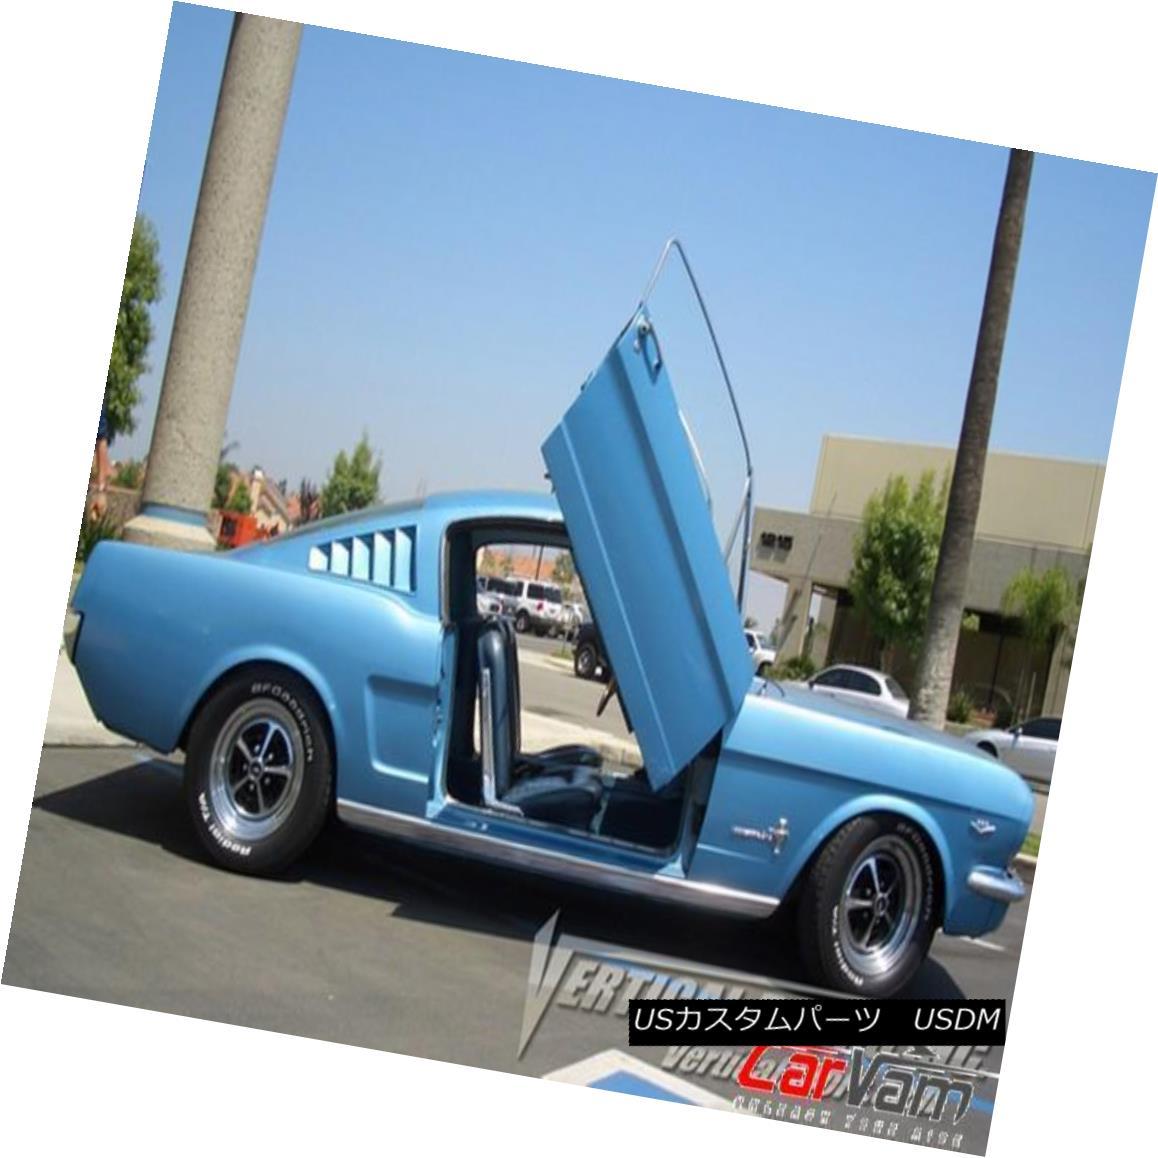 ★お求めやすく価格改定★ ガルウィングキット Vertical Doors - Vertical -VDCFM6768 垂直ドア Lambo - Door Kit For Ford Mustang 1967-68 -VDCFM6768 垂直ドア - フォードマスタング用の垂直型ランボルギーニドアキット1967-68 -VDCFM6768, BCLOVER:8f16d654 --- essexadvan.co.uk